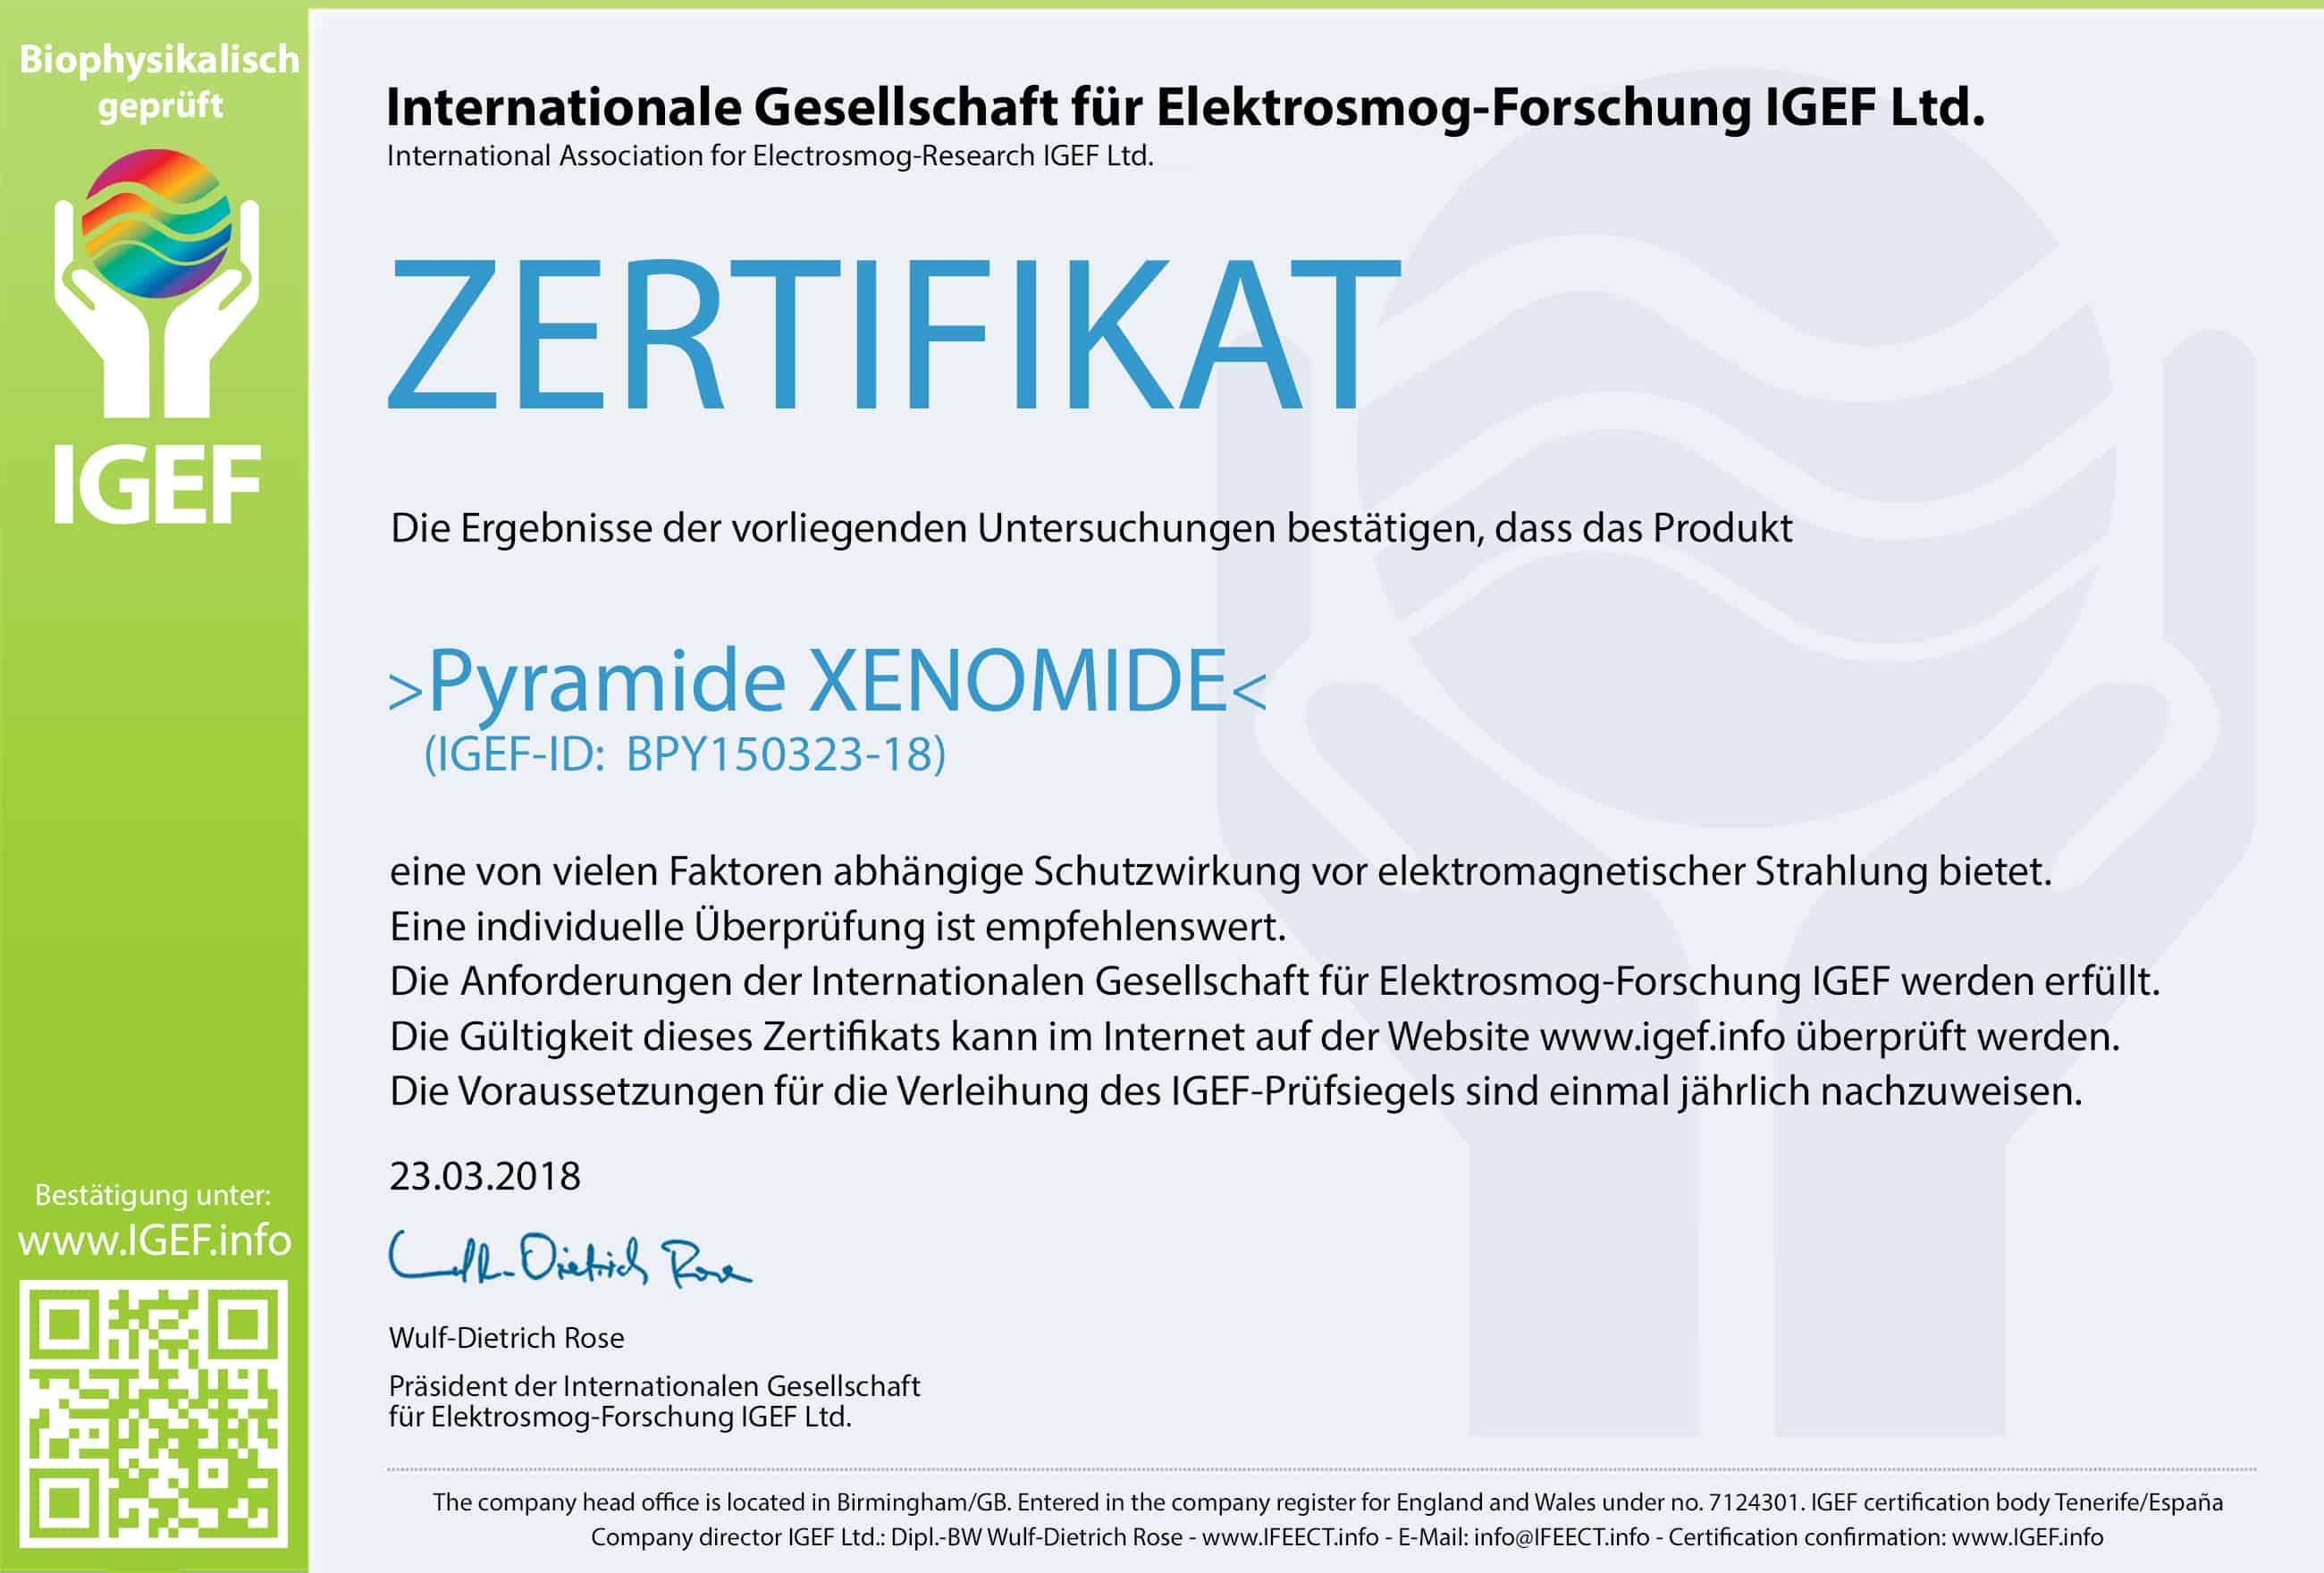 IGEF-ZERTIFIKAT-BPY-18